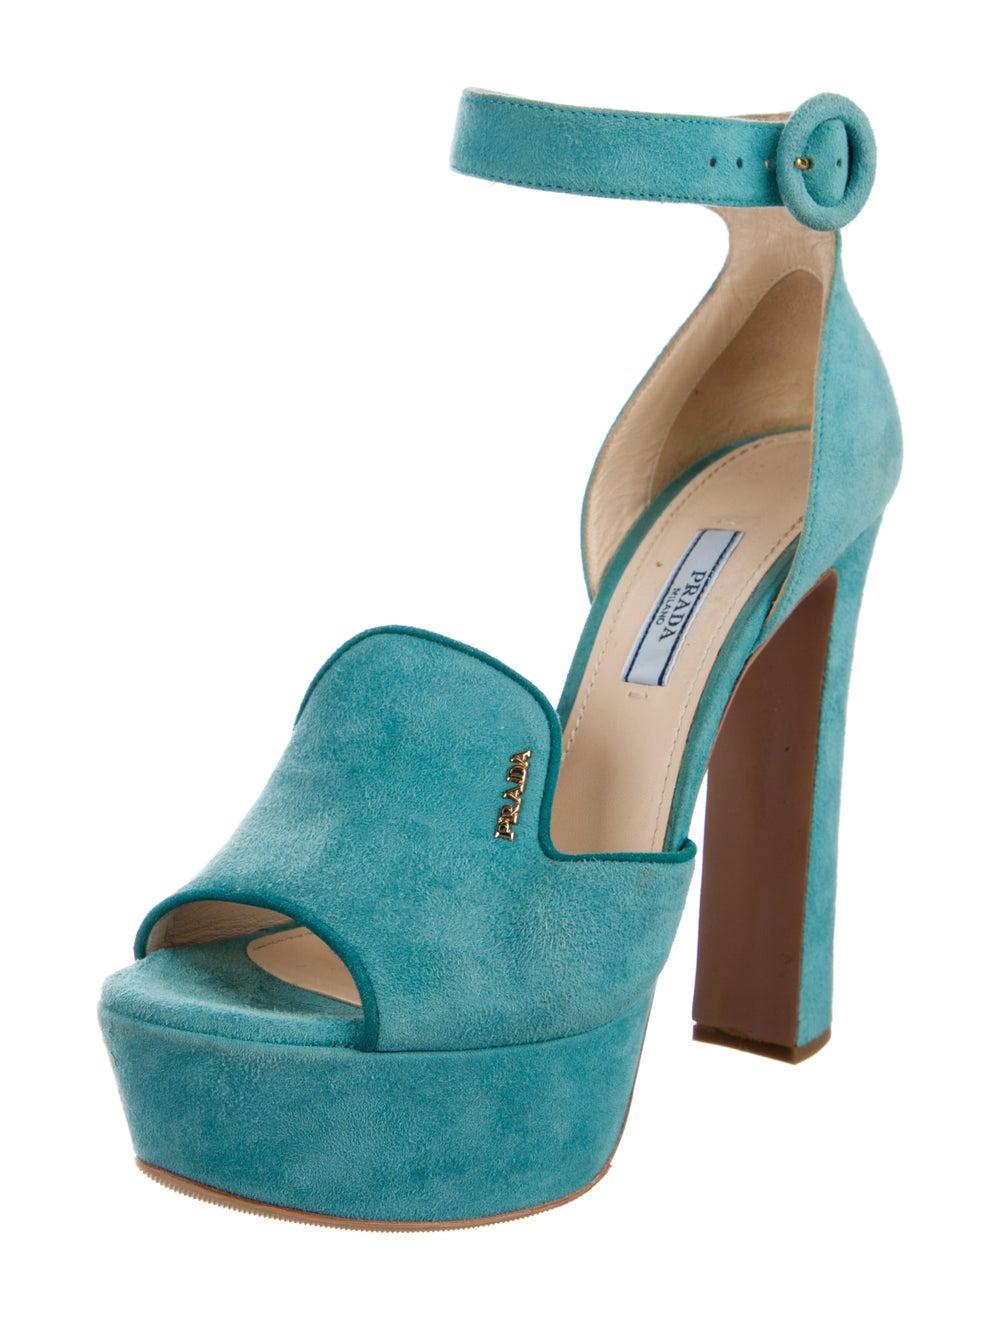 Prada Suede Sandals Blue - image 2